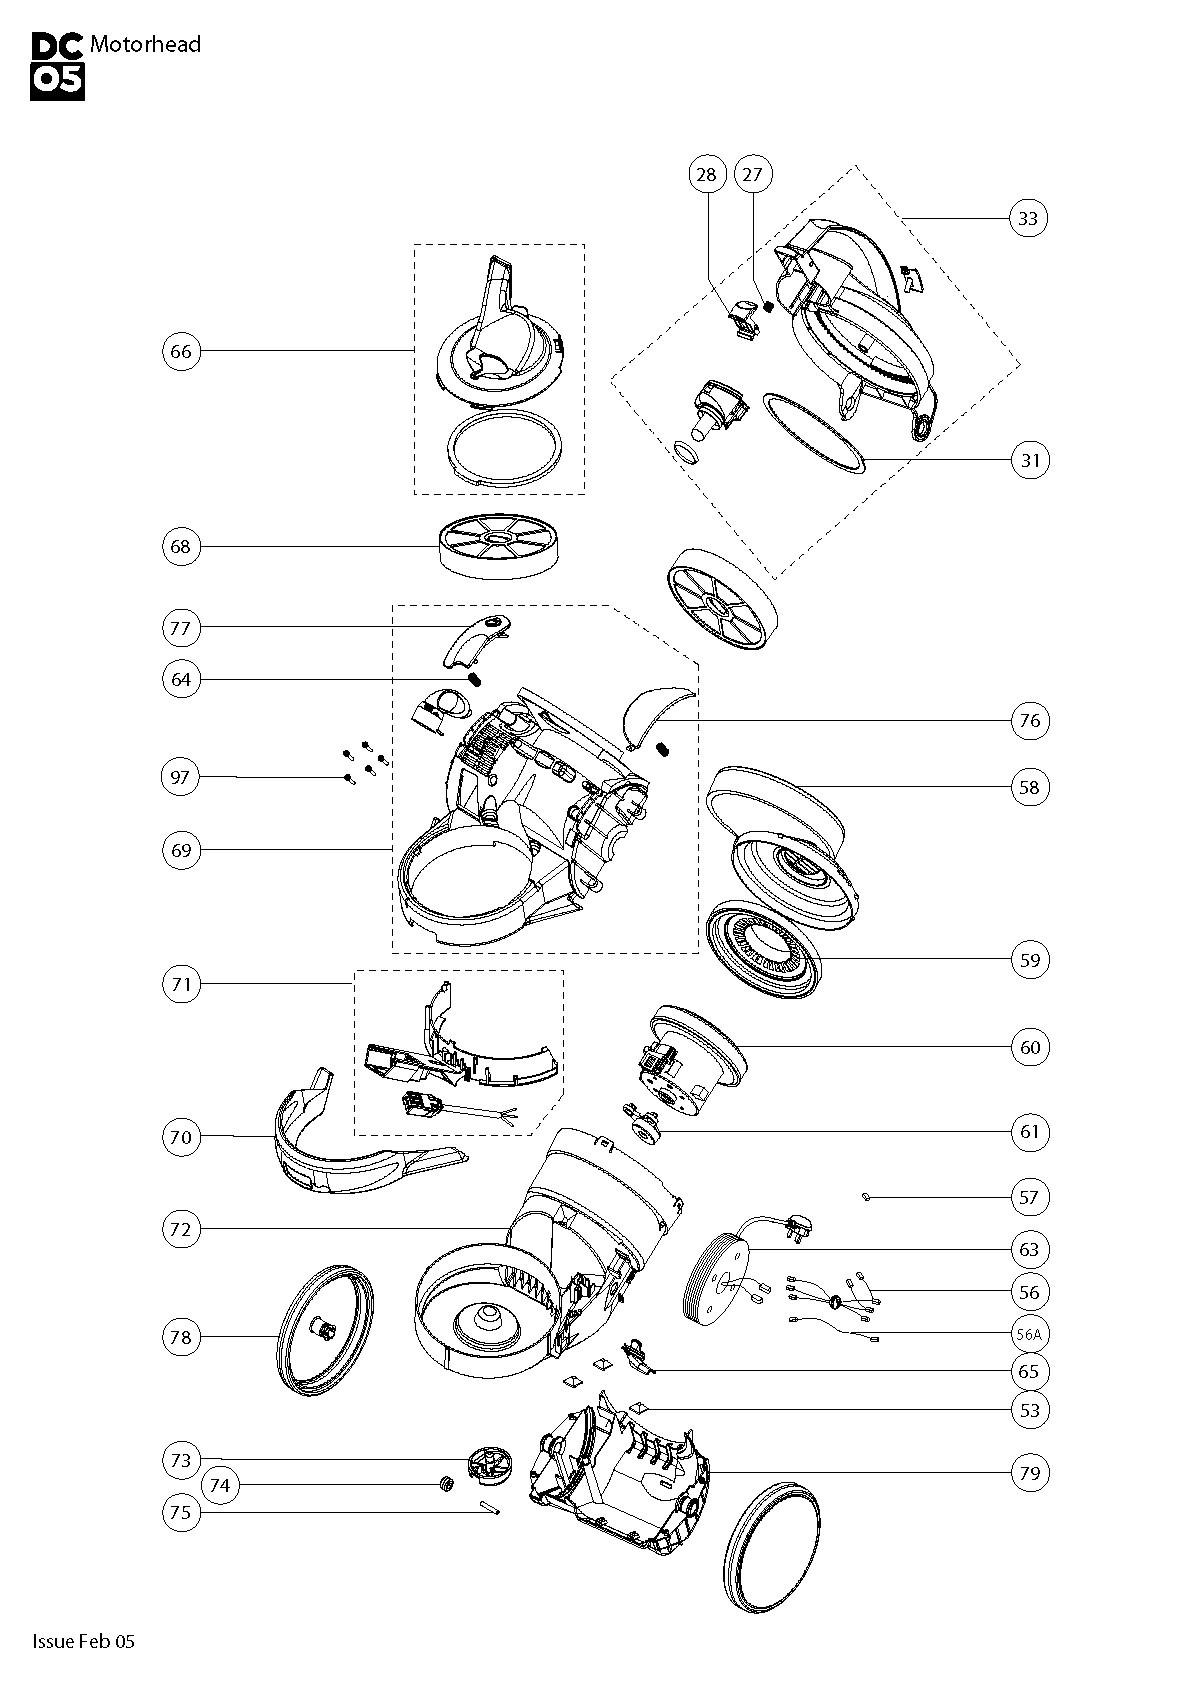 Dyson Vacuum Parts Diagram Dyson Dc08 Animal Spares Beautiful Of Dyson Vacuum Parts Diagram